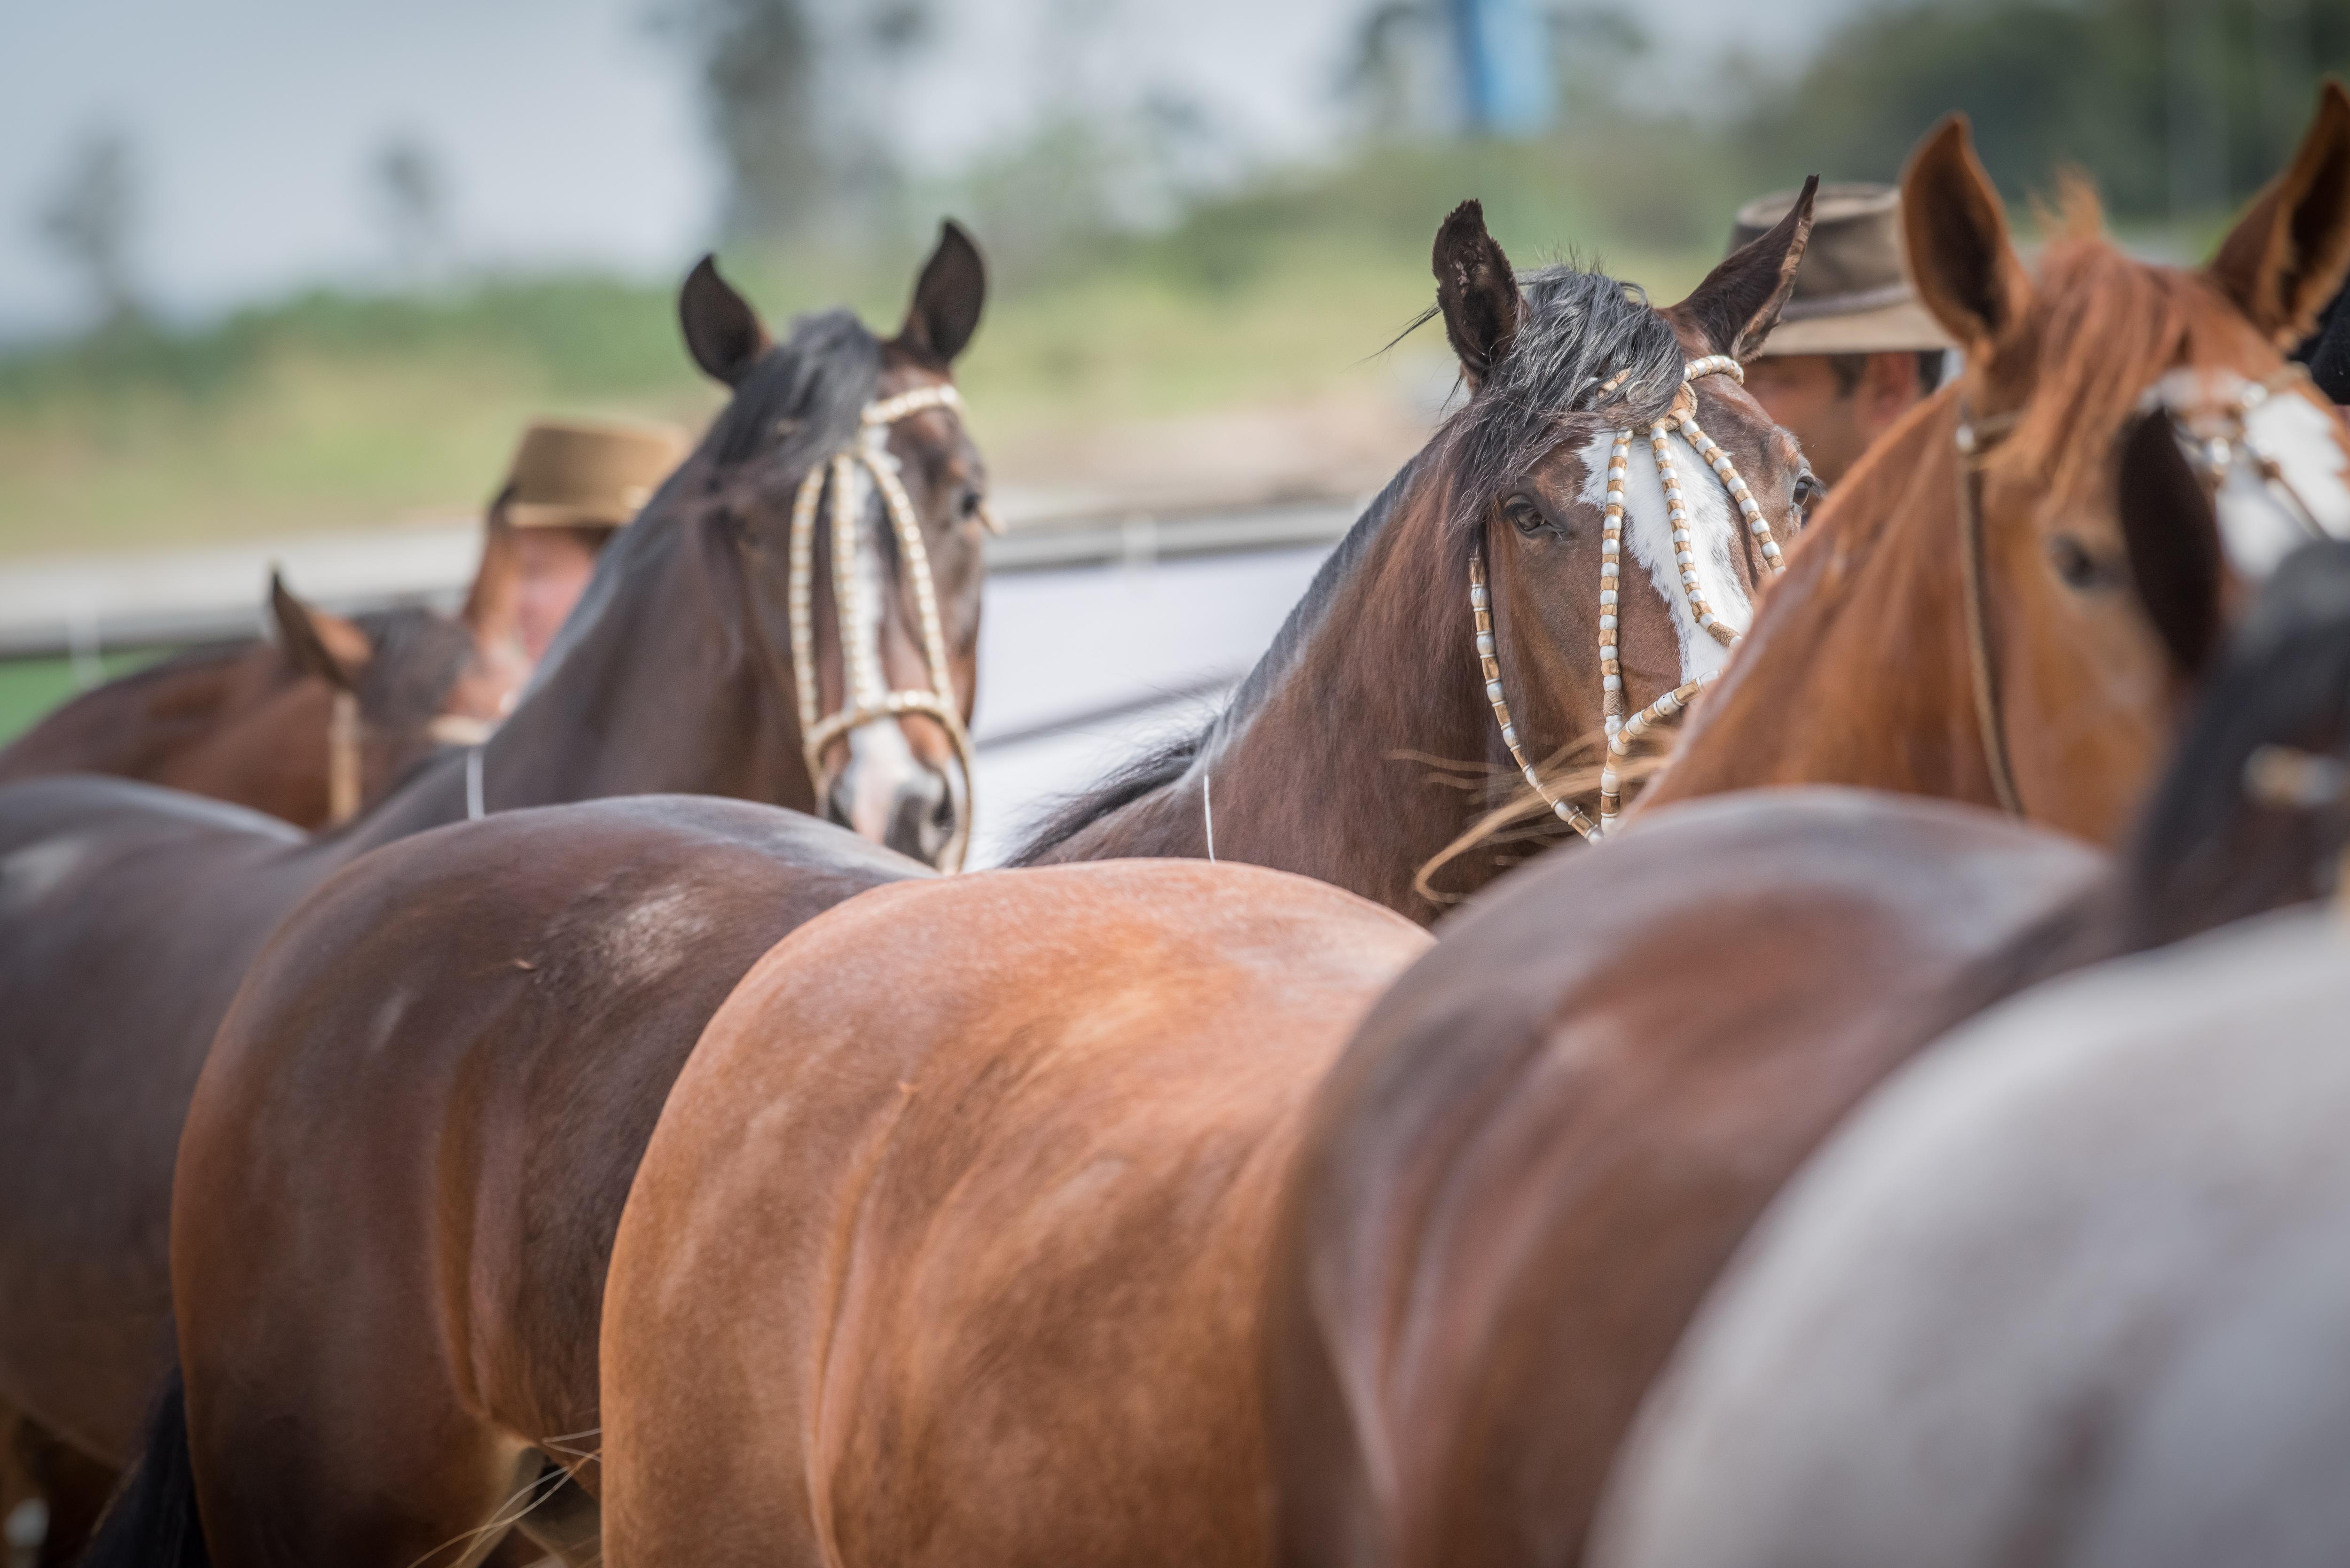 Leilão de Cavalos Crioulos destinará renda aos recém-nascidos da Santa Casa de Porto Alegre